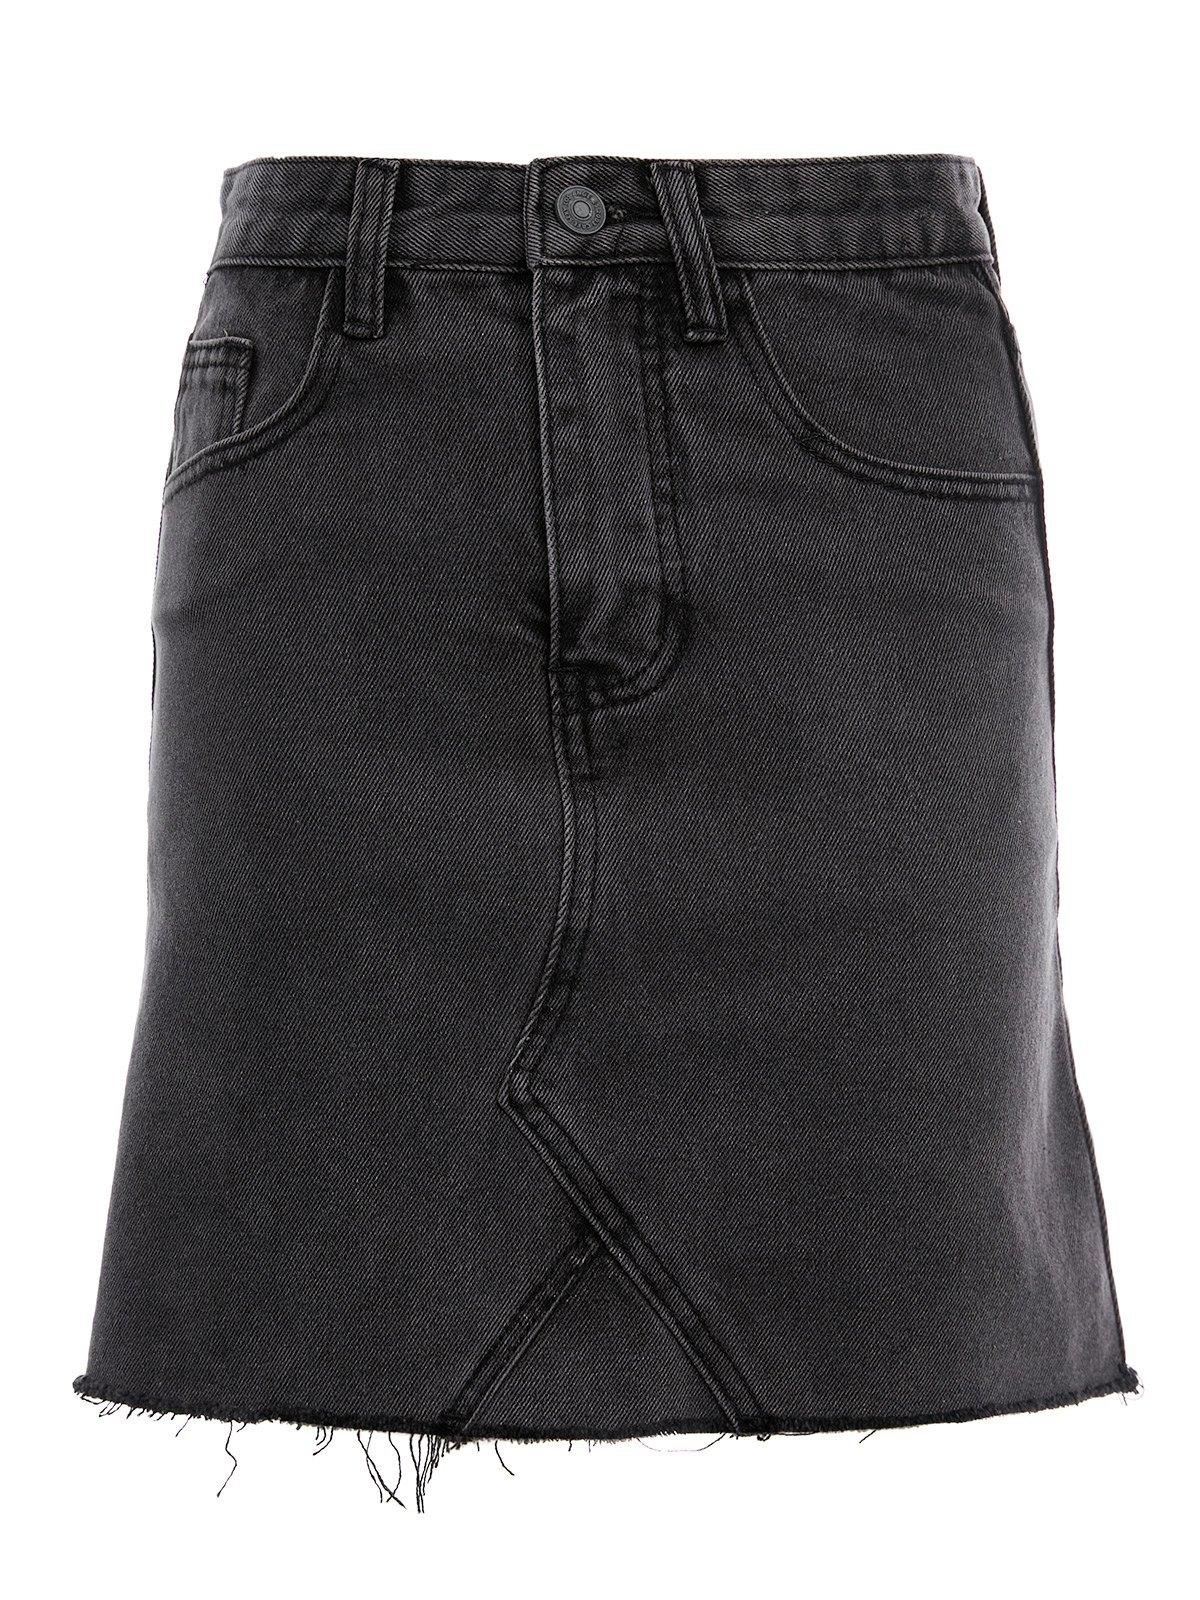 Washed Distressed Denim Mini Skirt -